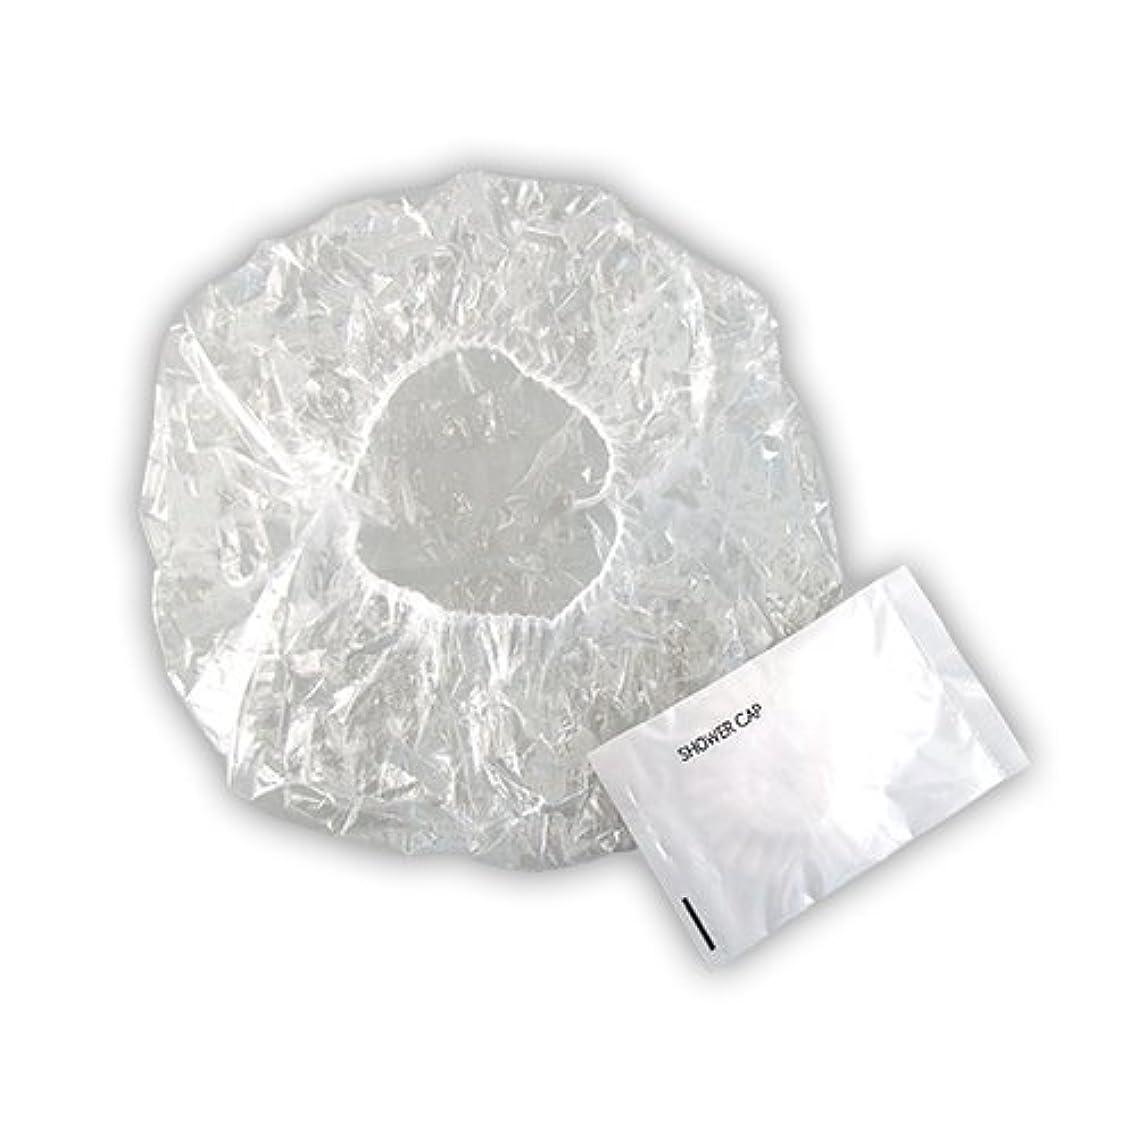 ヒロイン小数哺乳類使い捨て シャワーキャップ 業務用 個包装タイプ ×1000個セット|ホテルアメニティ (SHOWER CAP)